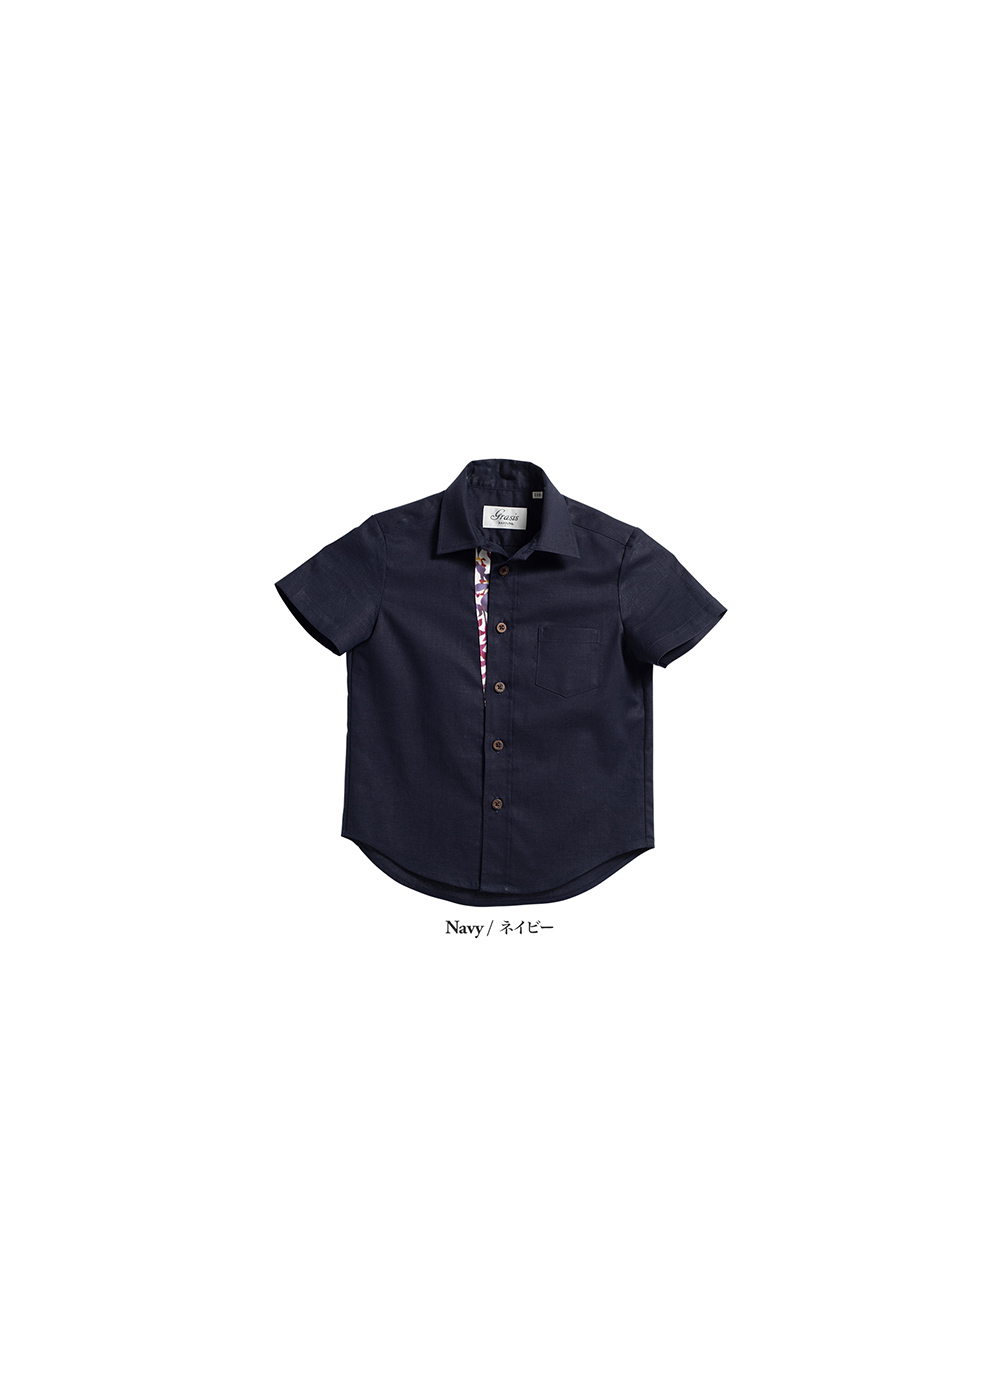 かりゆしウェア(沖縄版アロハシャツ) MAJUN - 琉球グローリア(キッズシャツ)